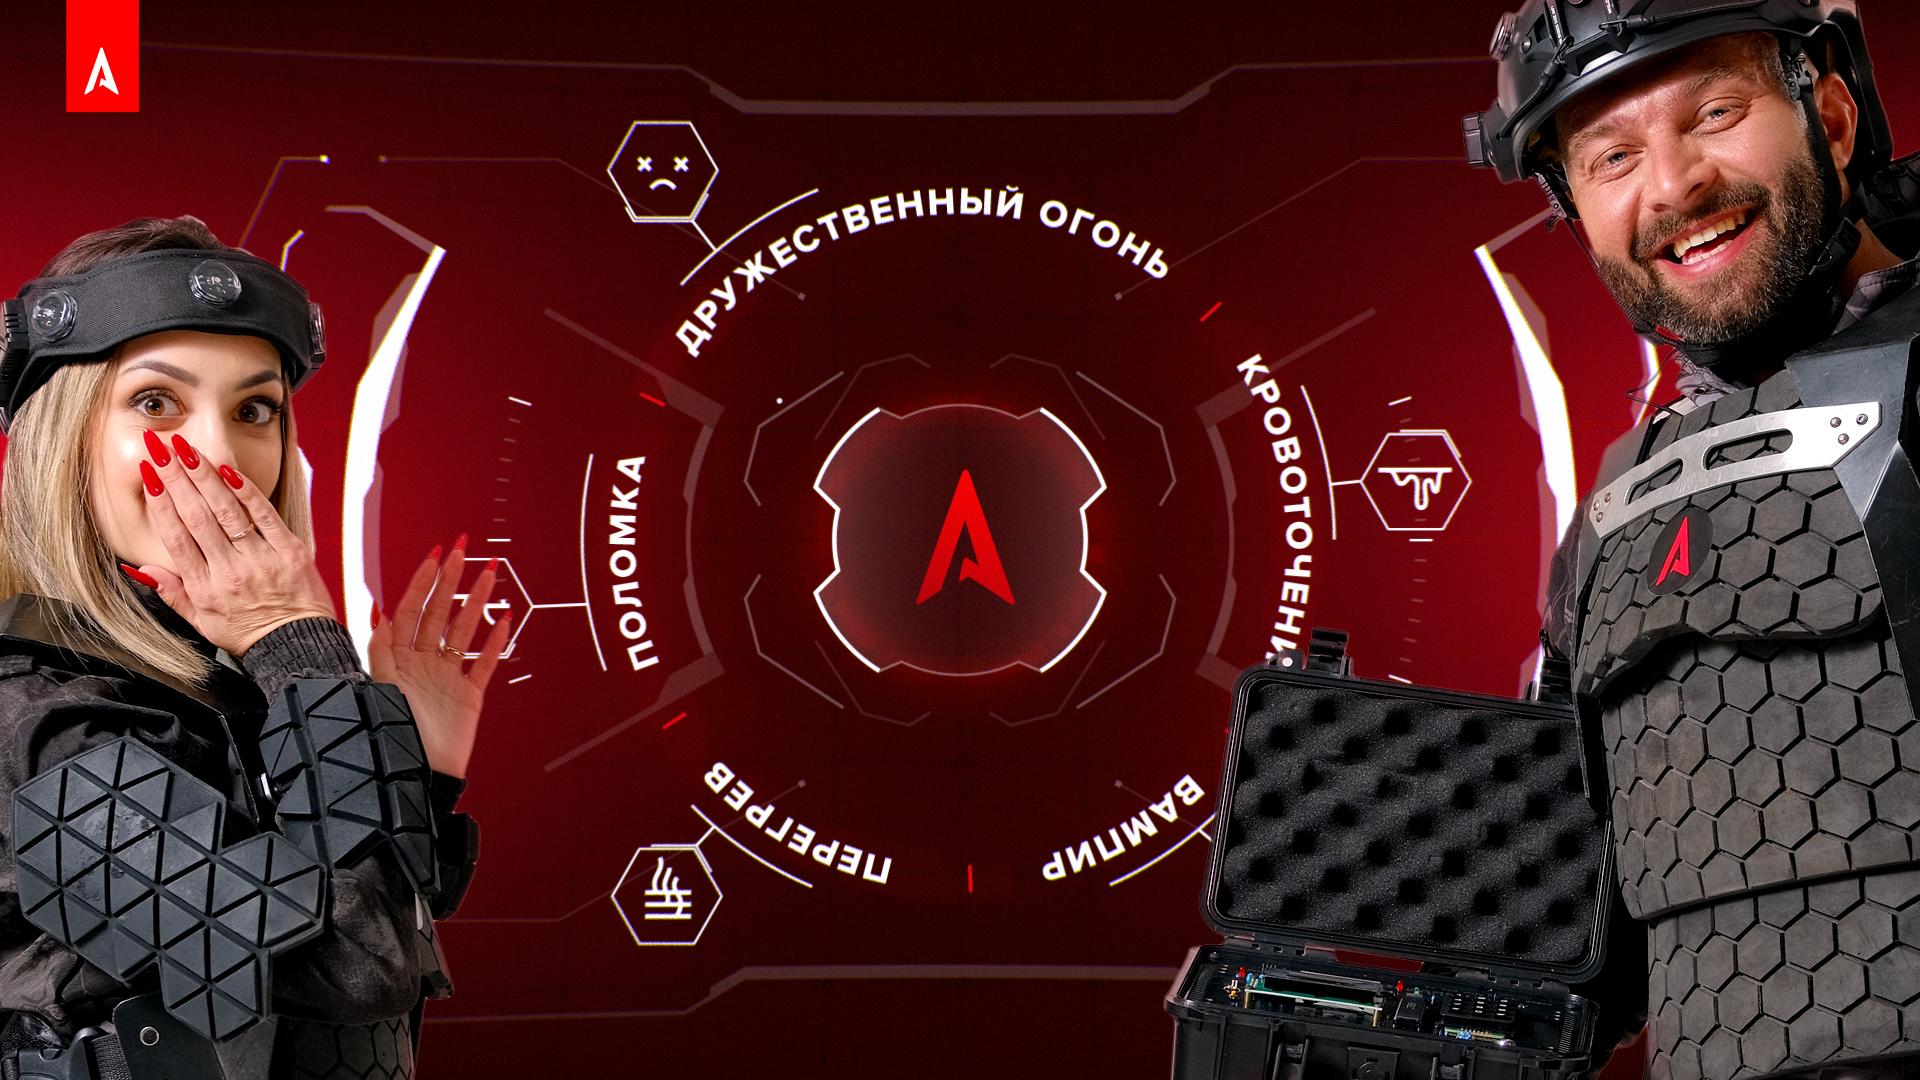 Больше игровых параметров с оборудованием «Альфатаг»